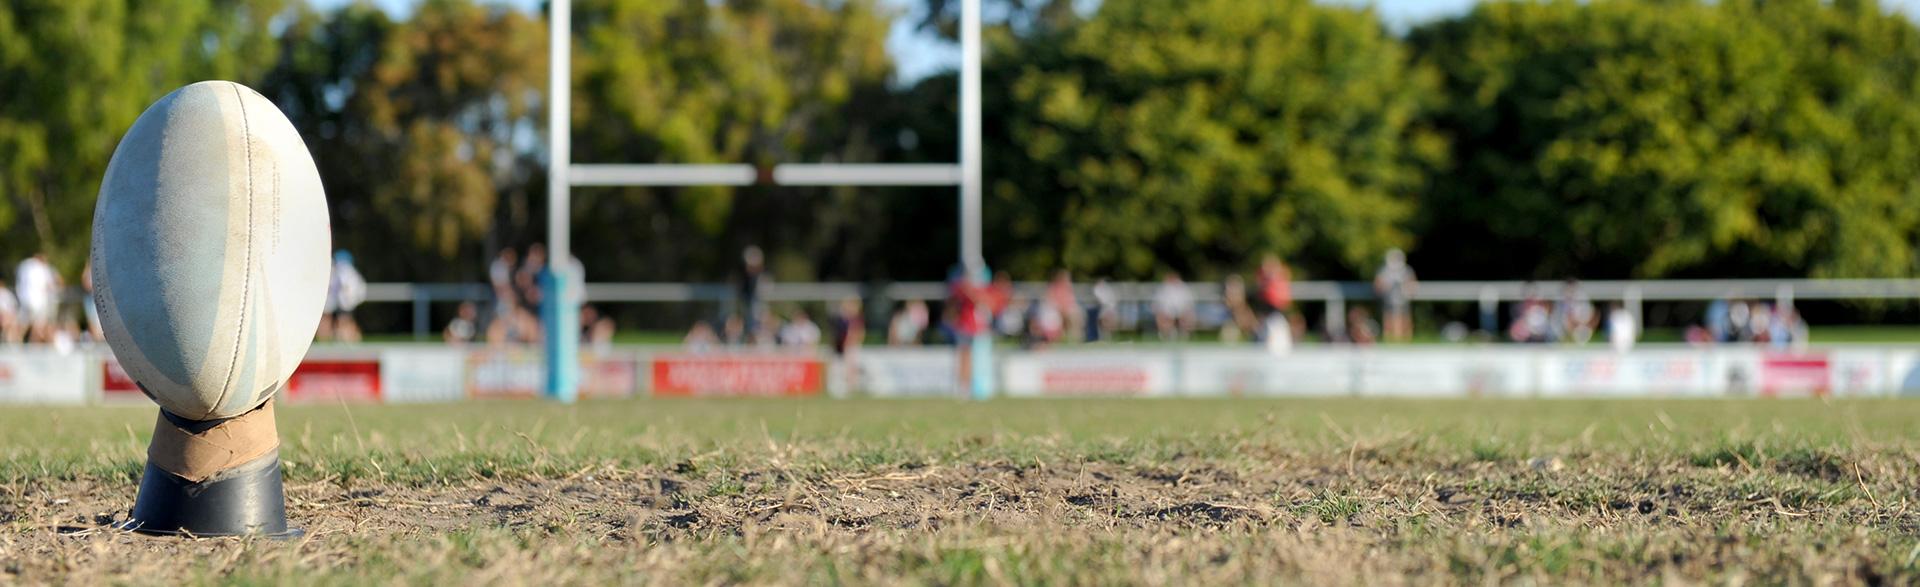 Rugby union Brisbane for Kids Brisbane Junior Rugby Union Team - Taylor Bridge Junior Rugby Club Brisbane